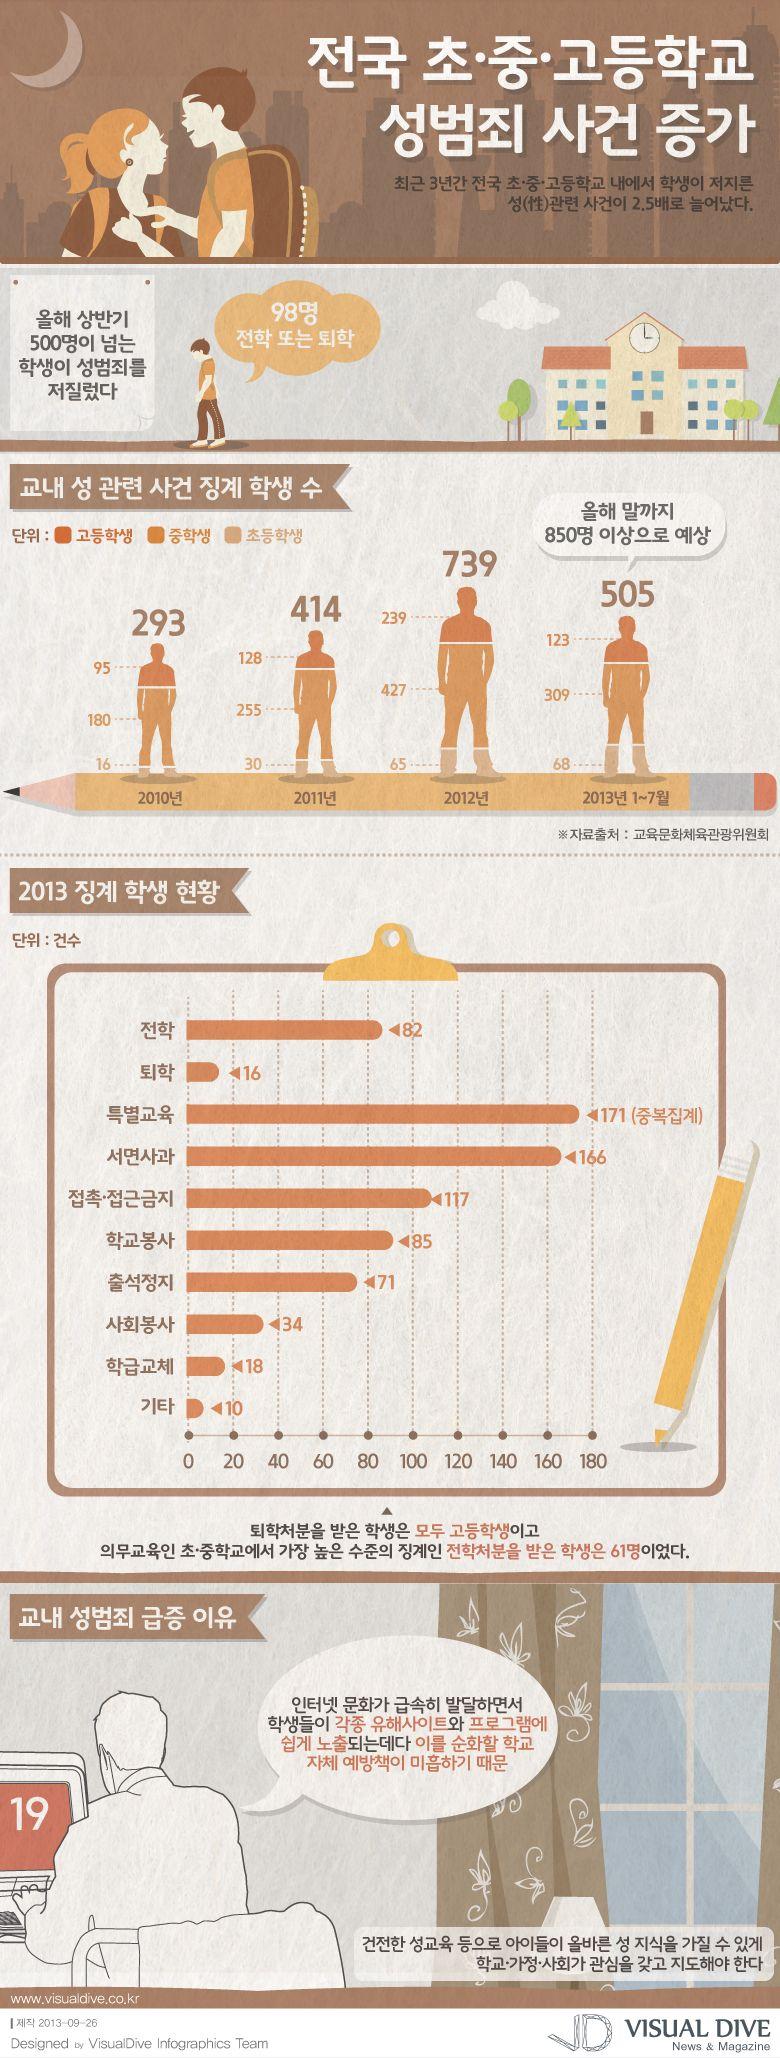 """[인포그래픽] 성범죄 저지르는 학생...2.5배 급증 #criminal / #Infographic"""" ⓒ 비주얼다이브 무단 복사·전재·재배포 금지"""